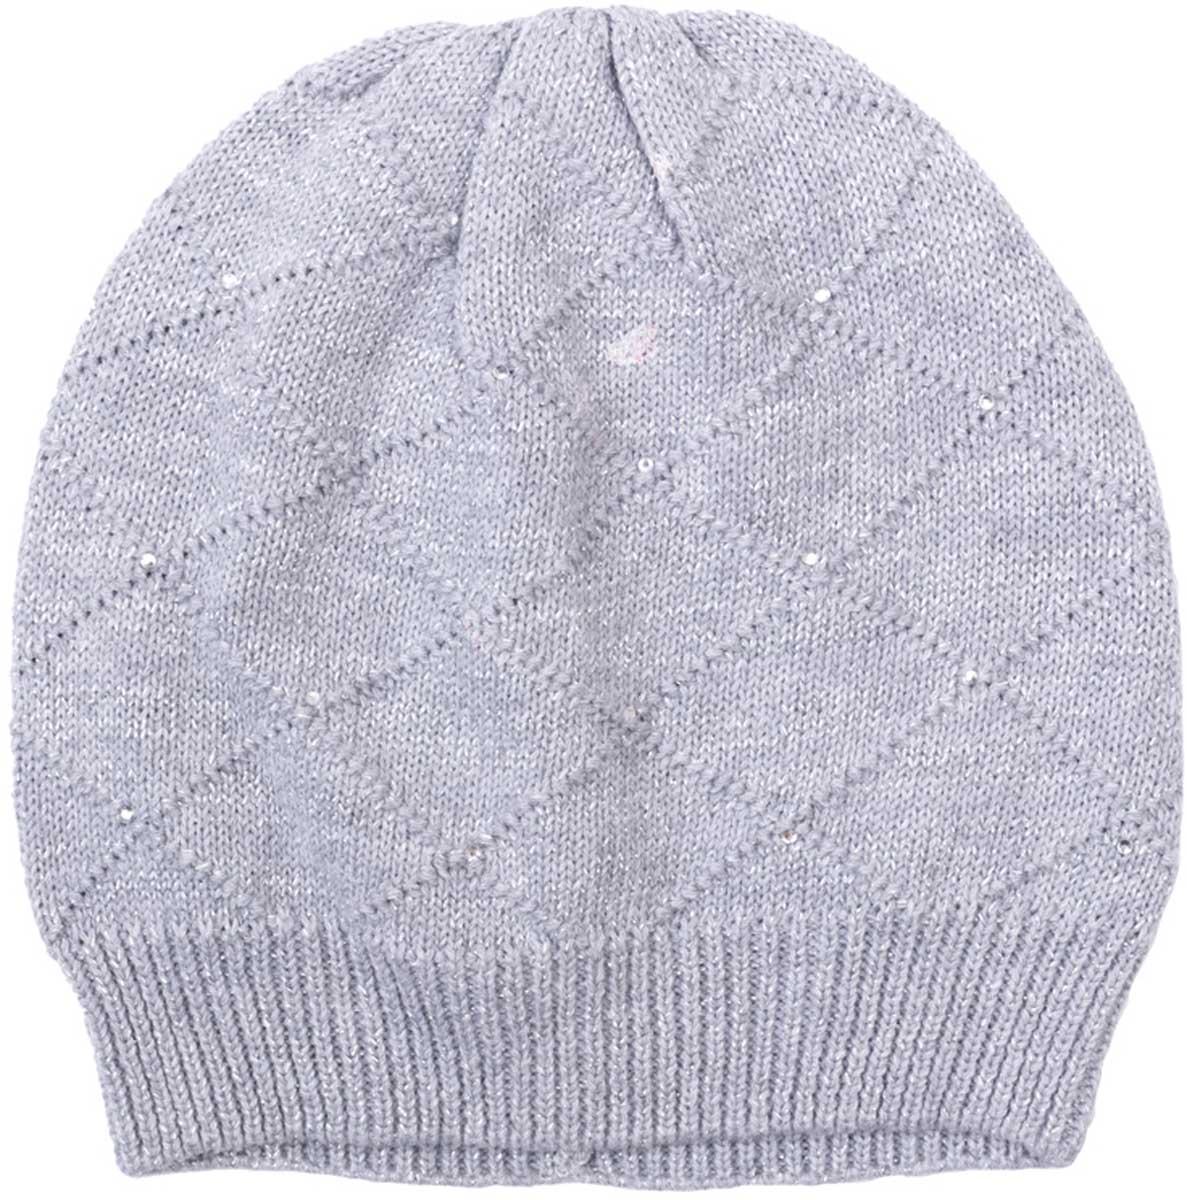 Шапка для девочки PlayToday, цвет: серый. 172081. Размер 50172081Шапка PlayToday выполненаиз хлопка, нейлона и эласиана подойдет вашему ребенку для прогулок в прохладную погоду. Шапка без завязок, плотно прилегает к голове, комфортна при носке.Уважаемые клиенты!Размер, доступный для заказа, является обхватом головы.